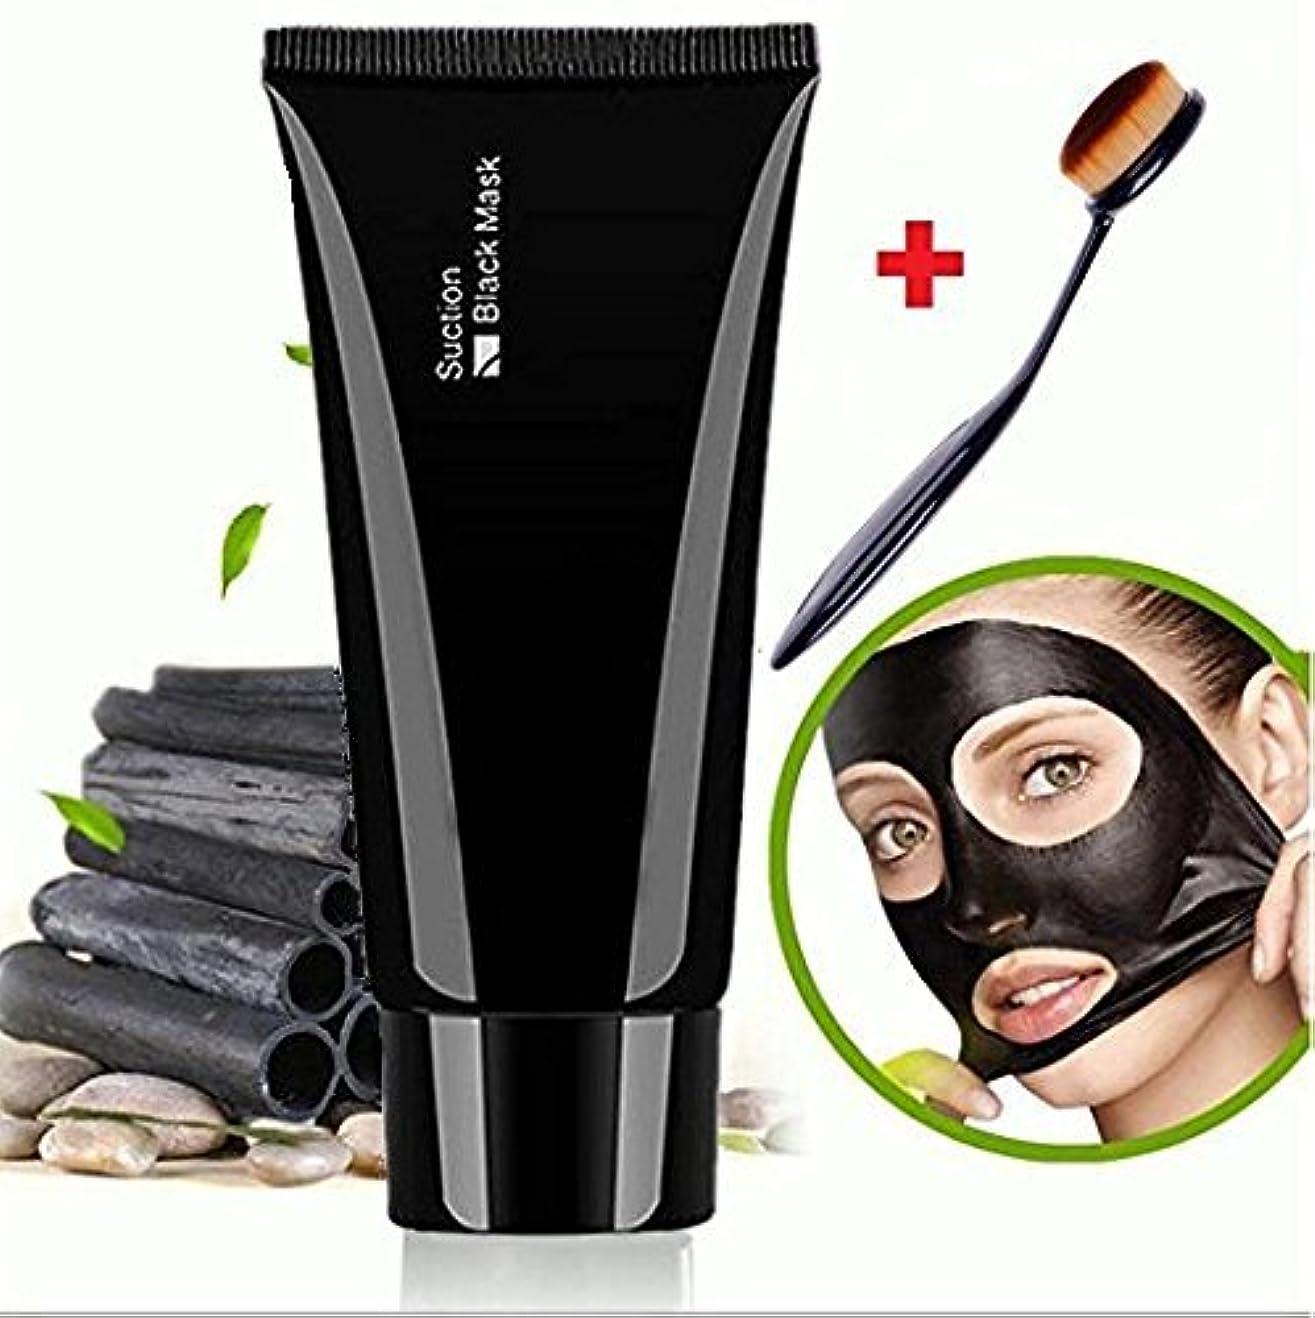 間違えたガラス貢献Facial Mask Black, Face Apeel Cleansing Mask Deep Cleanser Blackhead Acne Remover Peel off Mask + Oval Brush